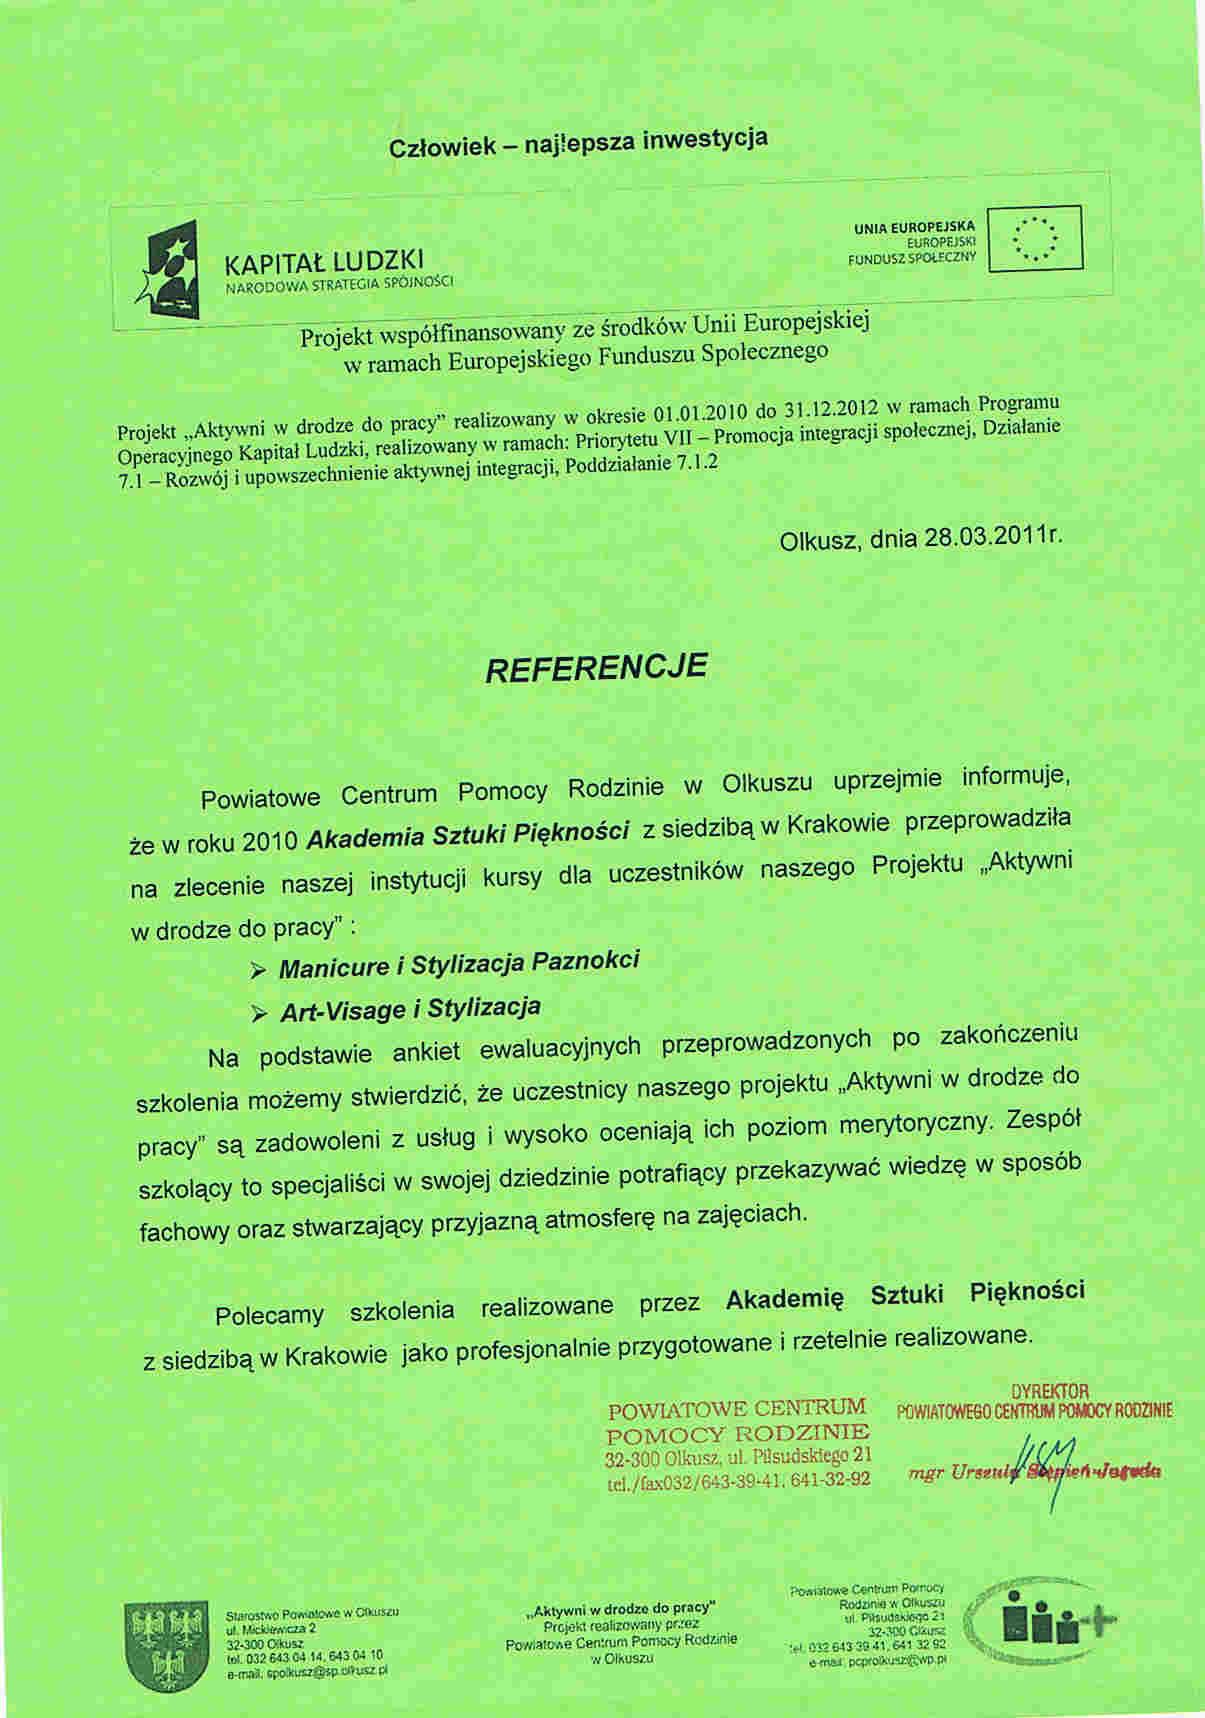 Powiatowe Centrum Pomocy Rodzinie w Olkuszu-Olkusz